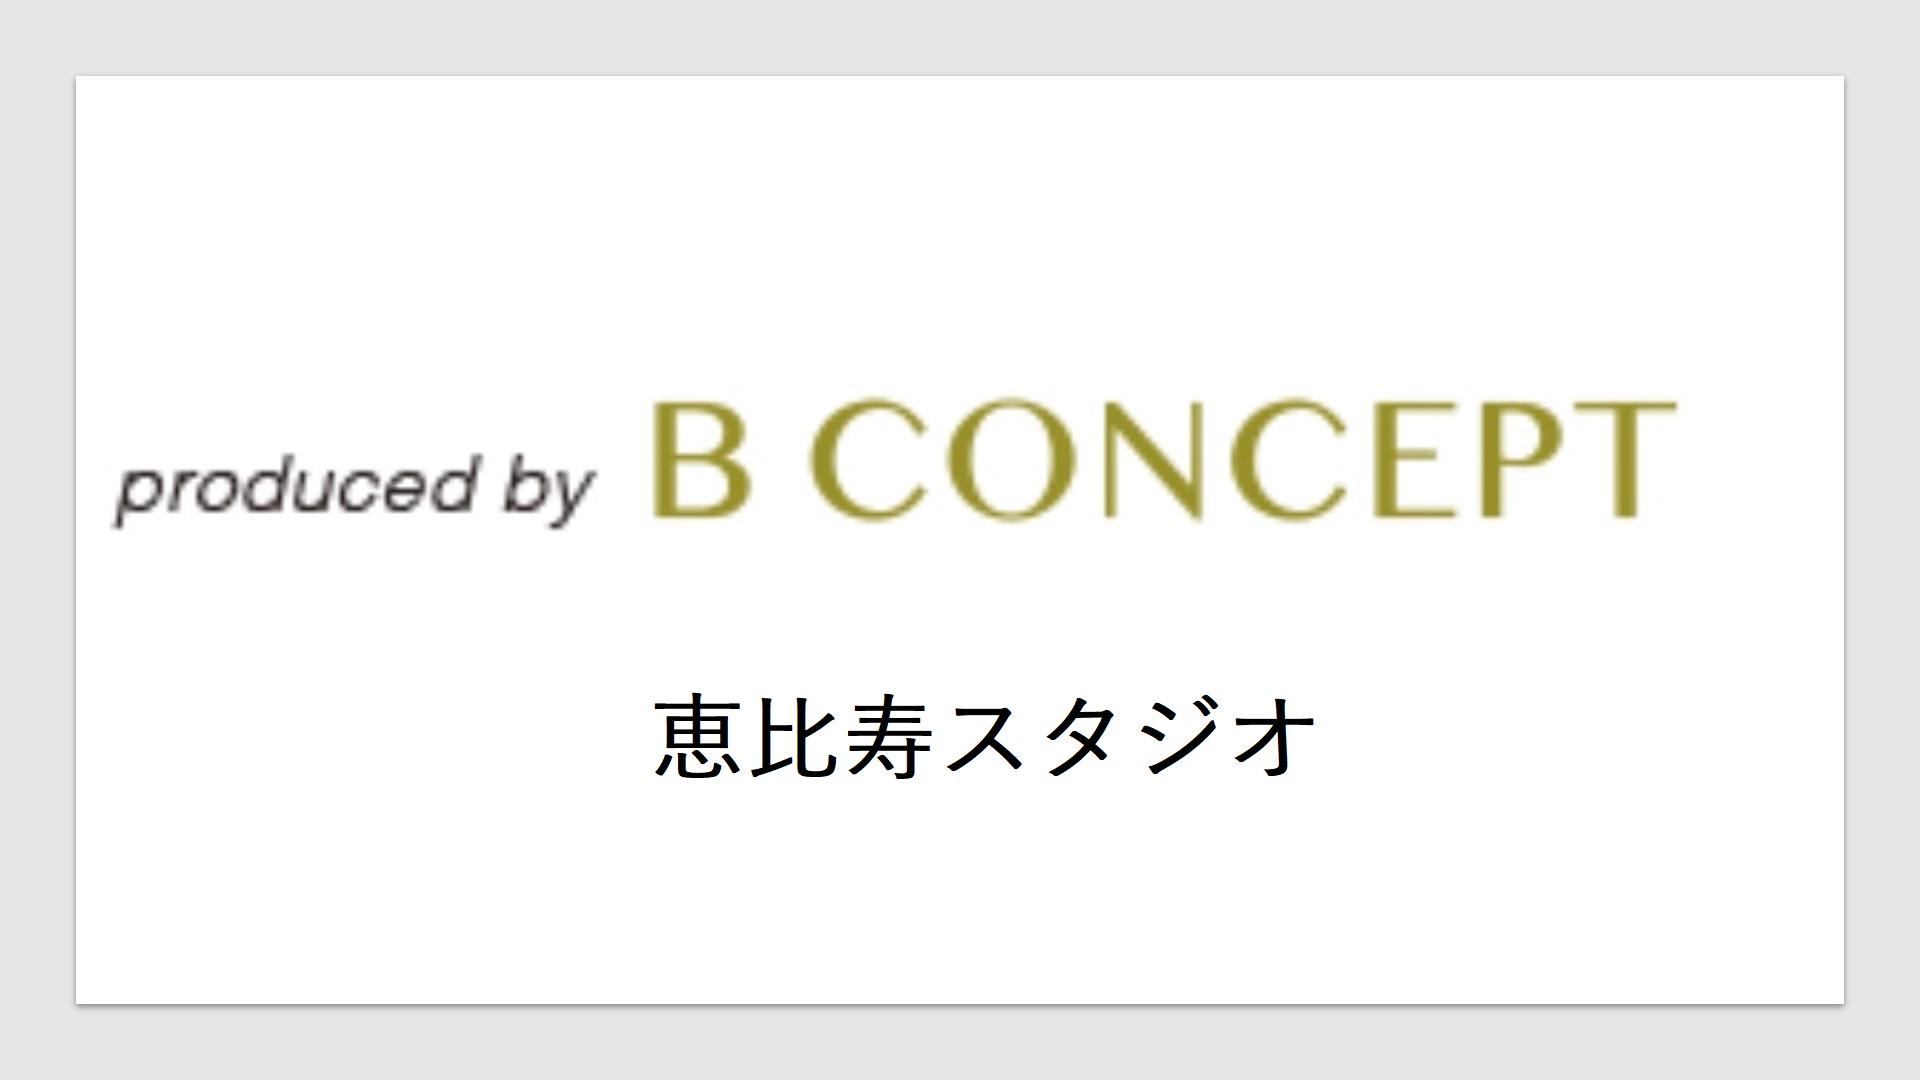 ビーコンセプト(恵比寿スタジオ)